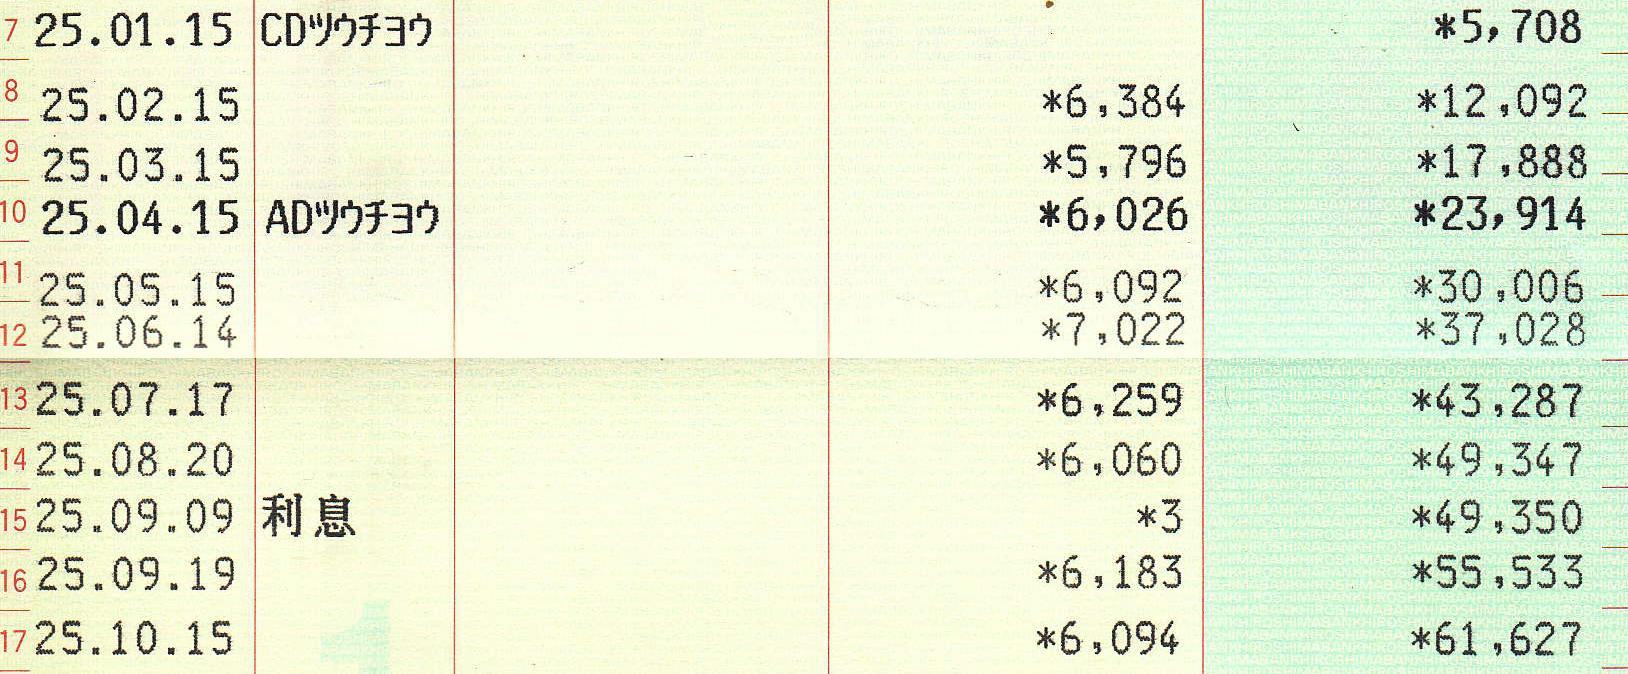 9月アクセス貯金報告